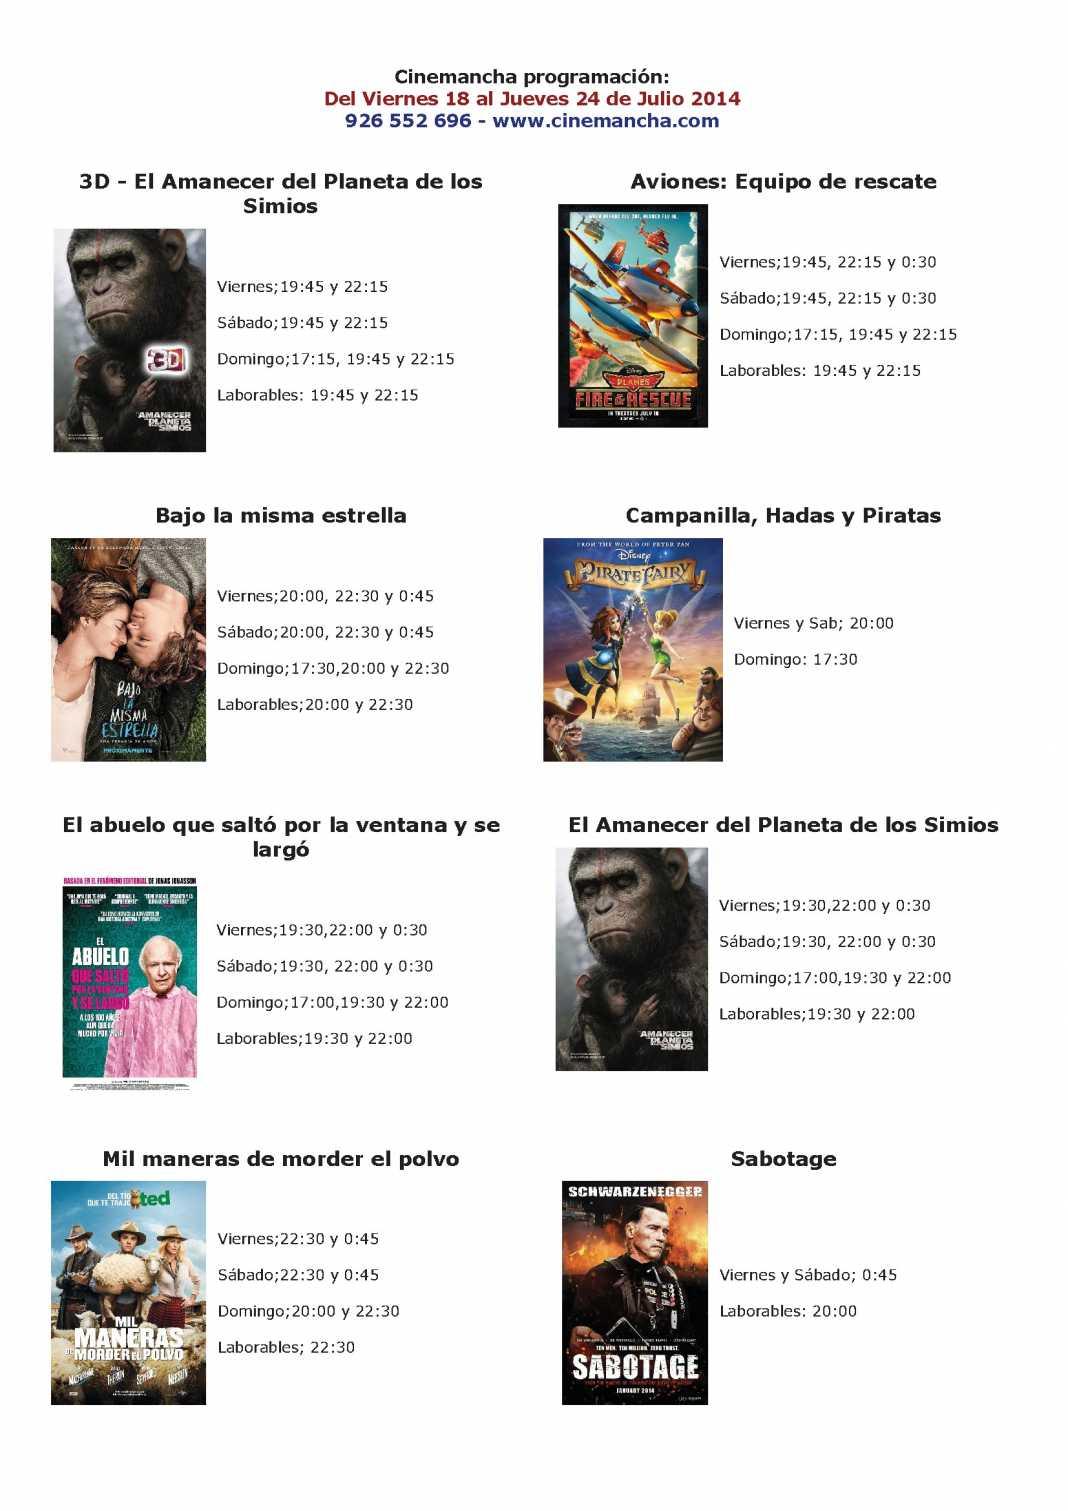 Cartelera de Cinemancha del 18 al 24 de julio 1